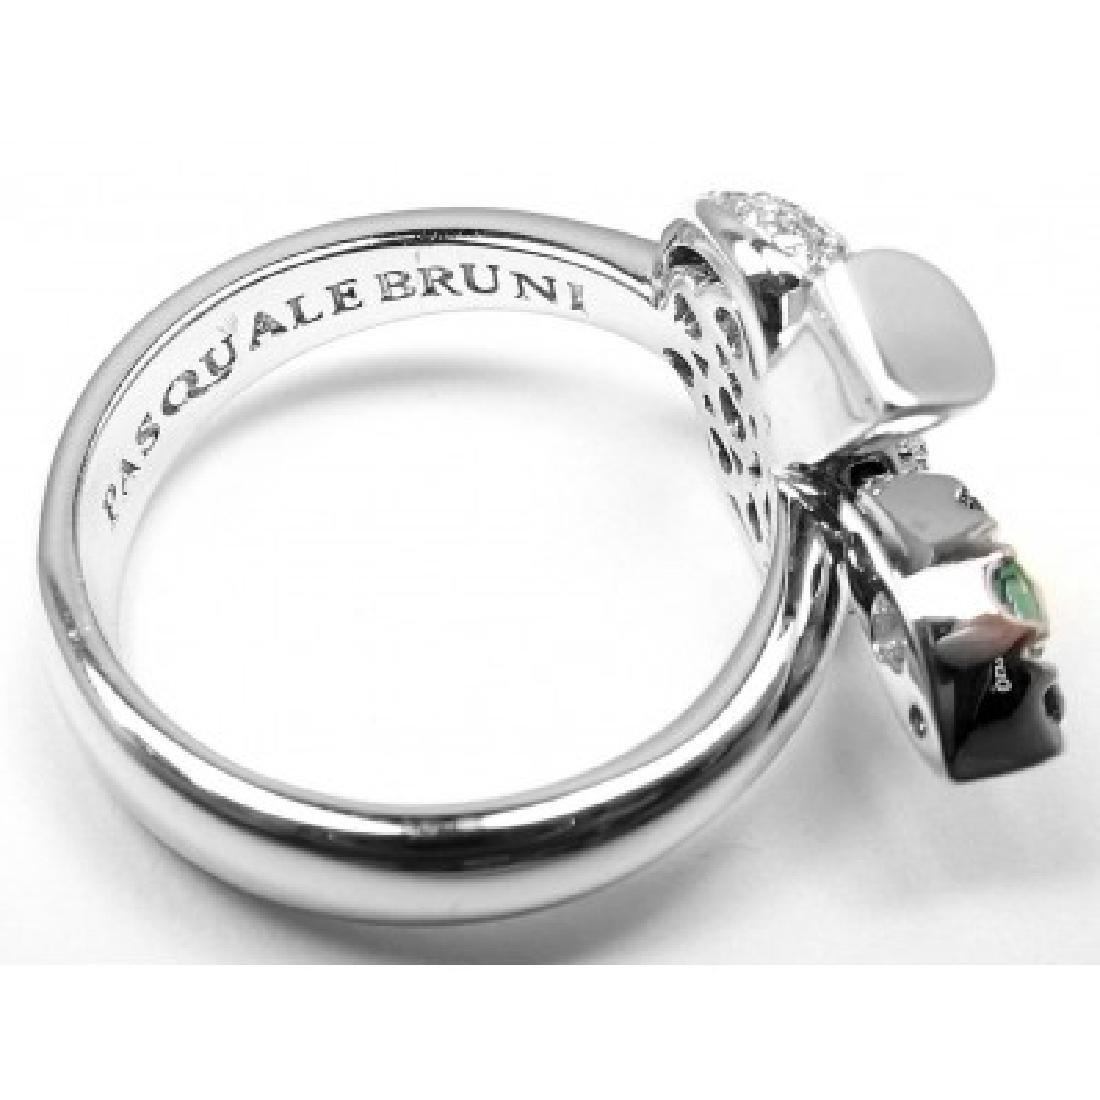 PASQUALE BRUNI 18K APPLE DIAMOND TENTAZIONE RING - 4